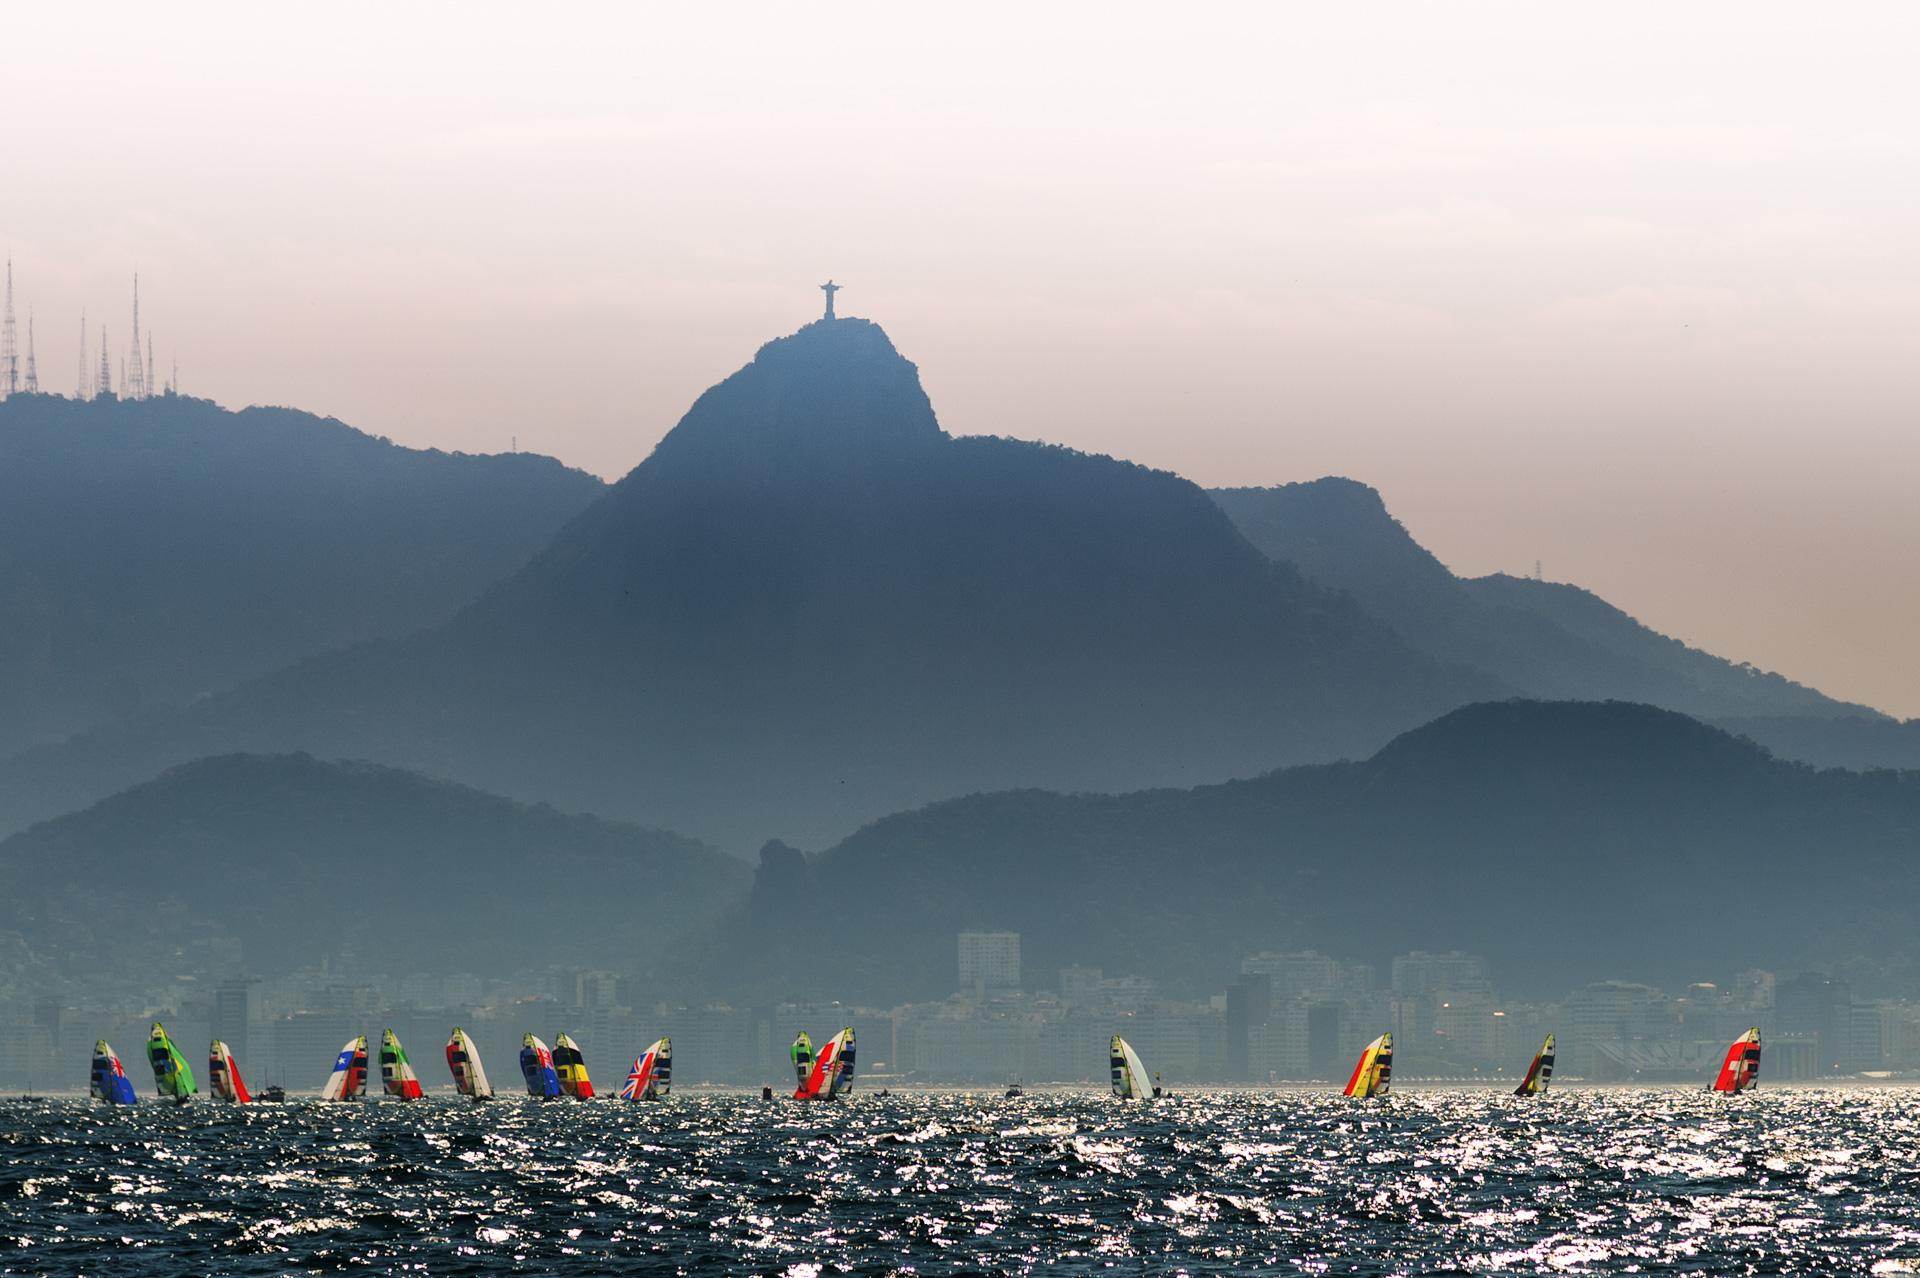 15/08/2016. Vela - Seiling. Gates Time Rio 2016. Class: 4949 FX.